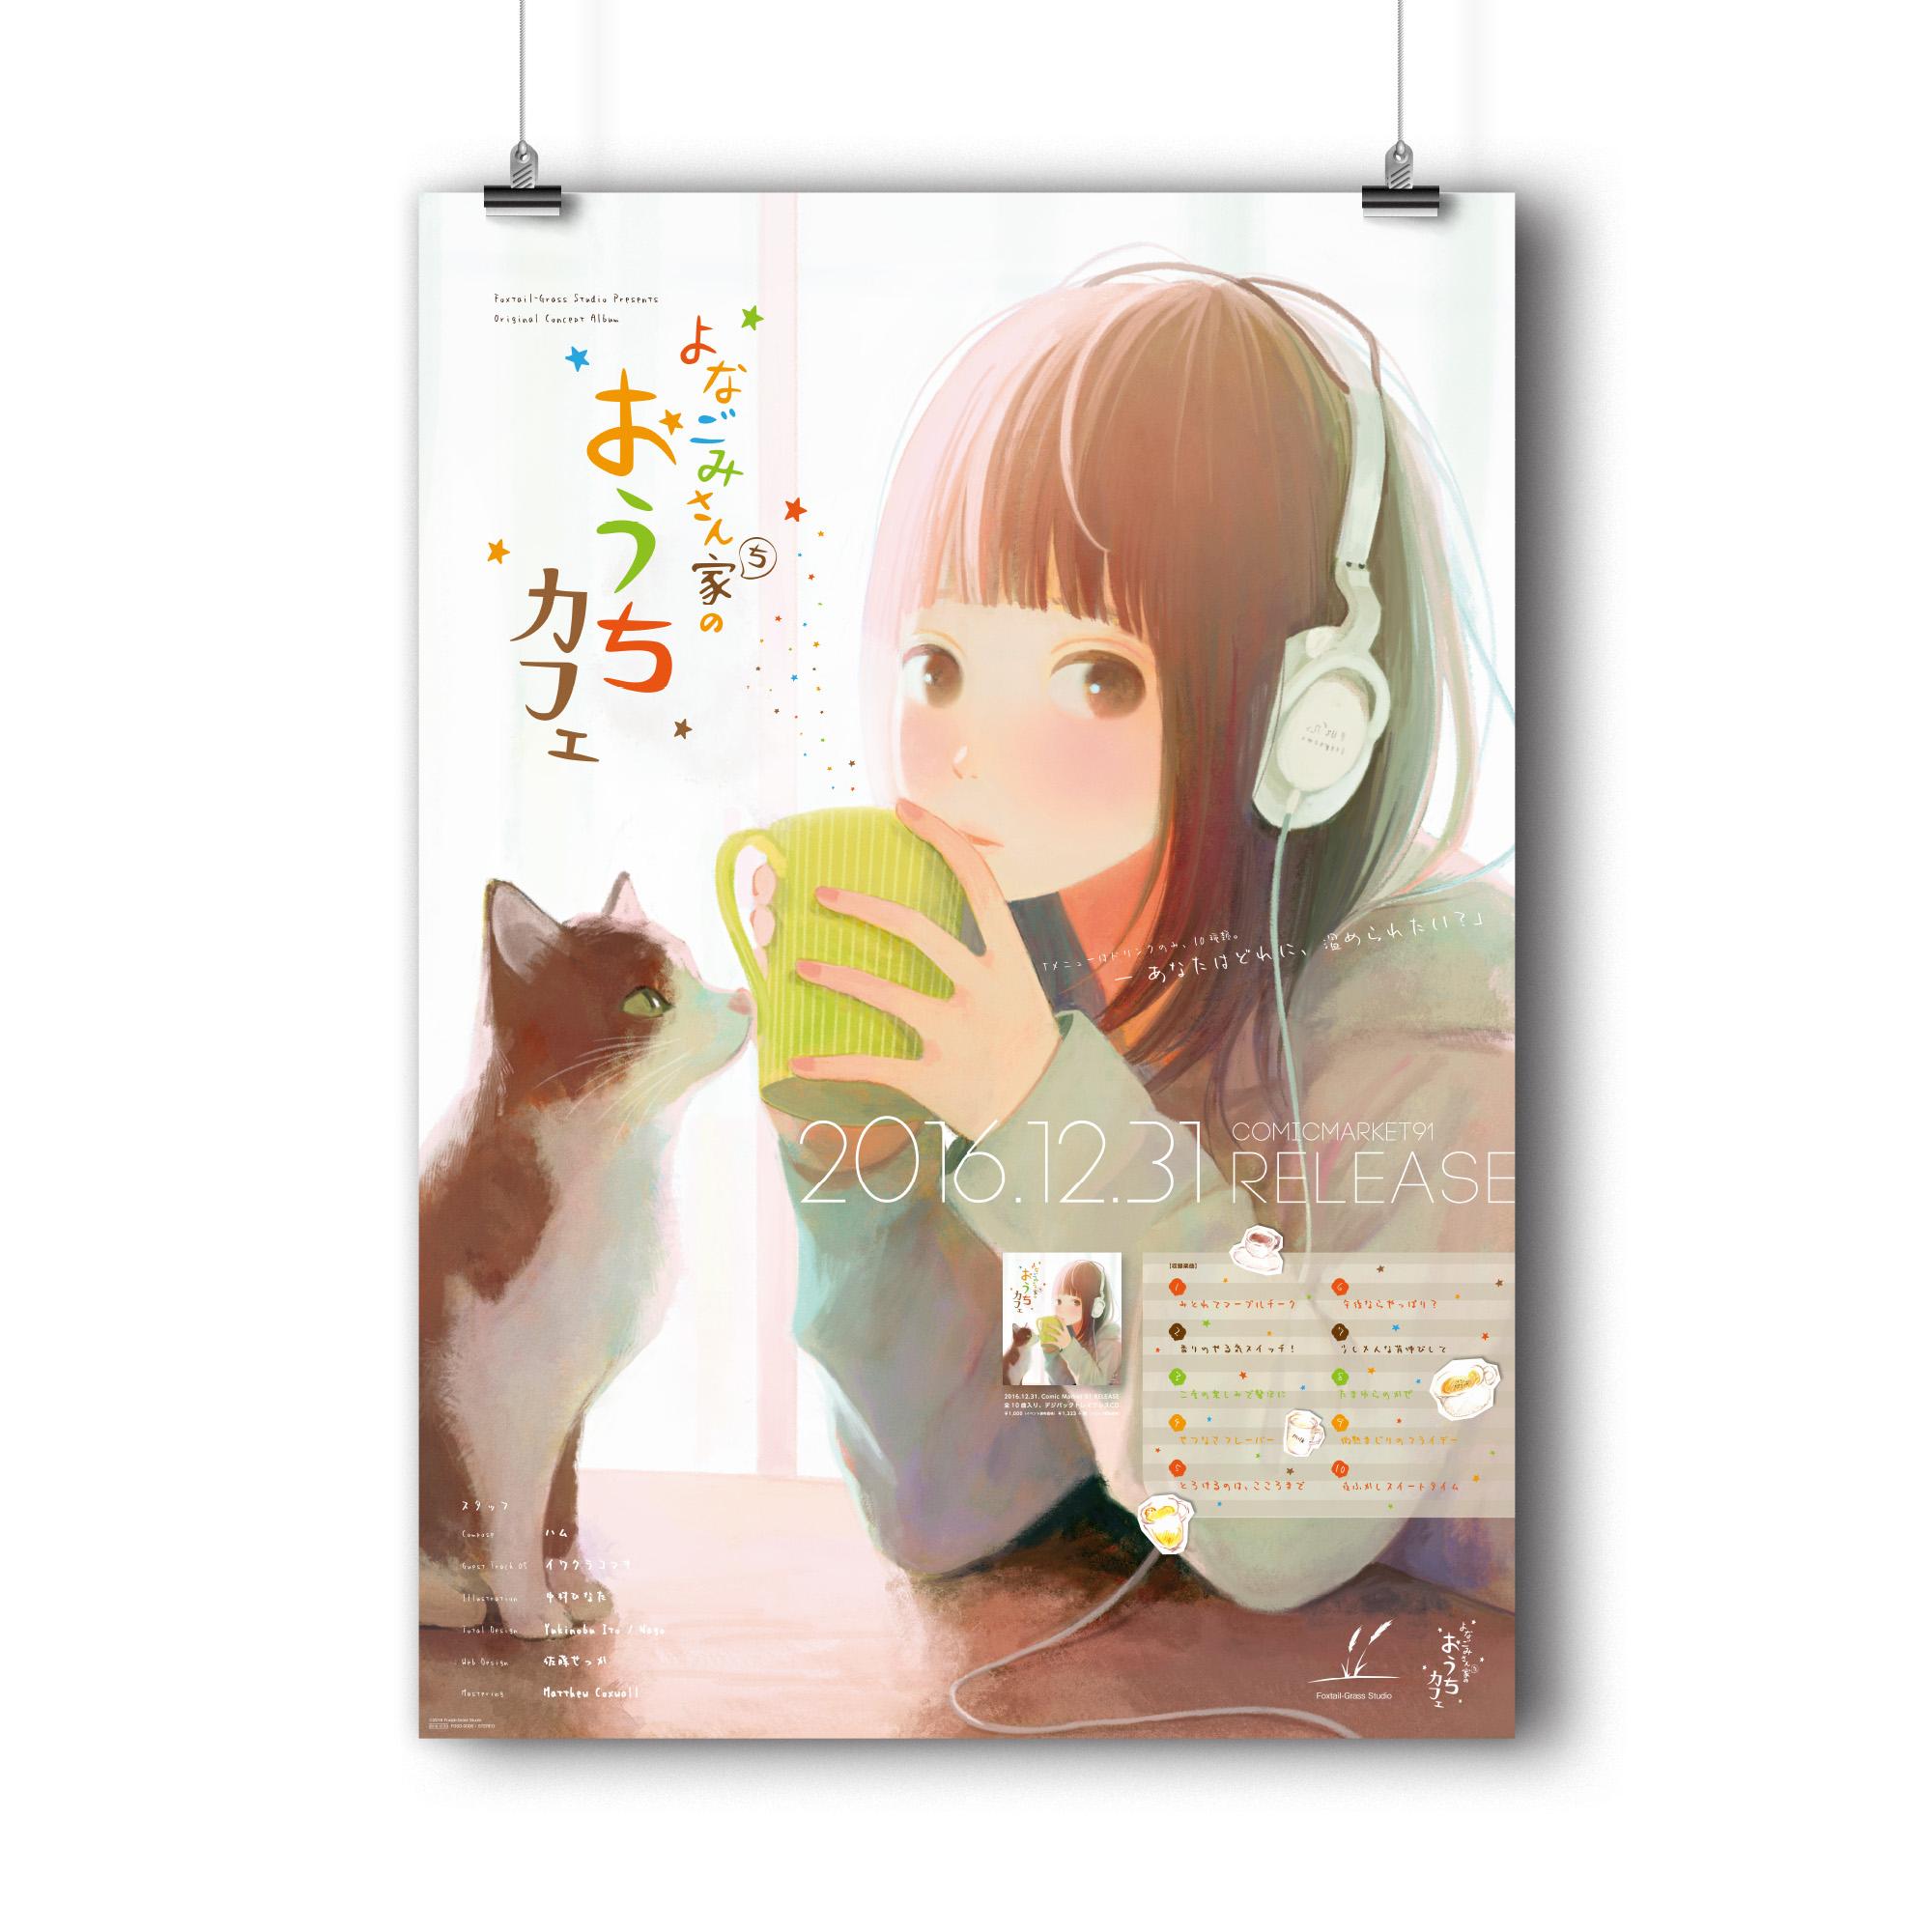 yonagomi_poster